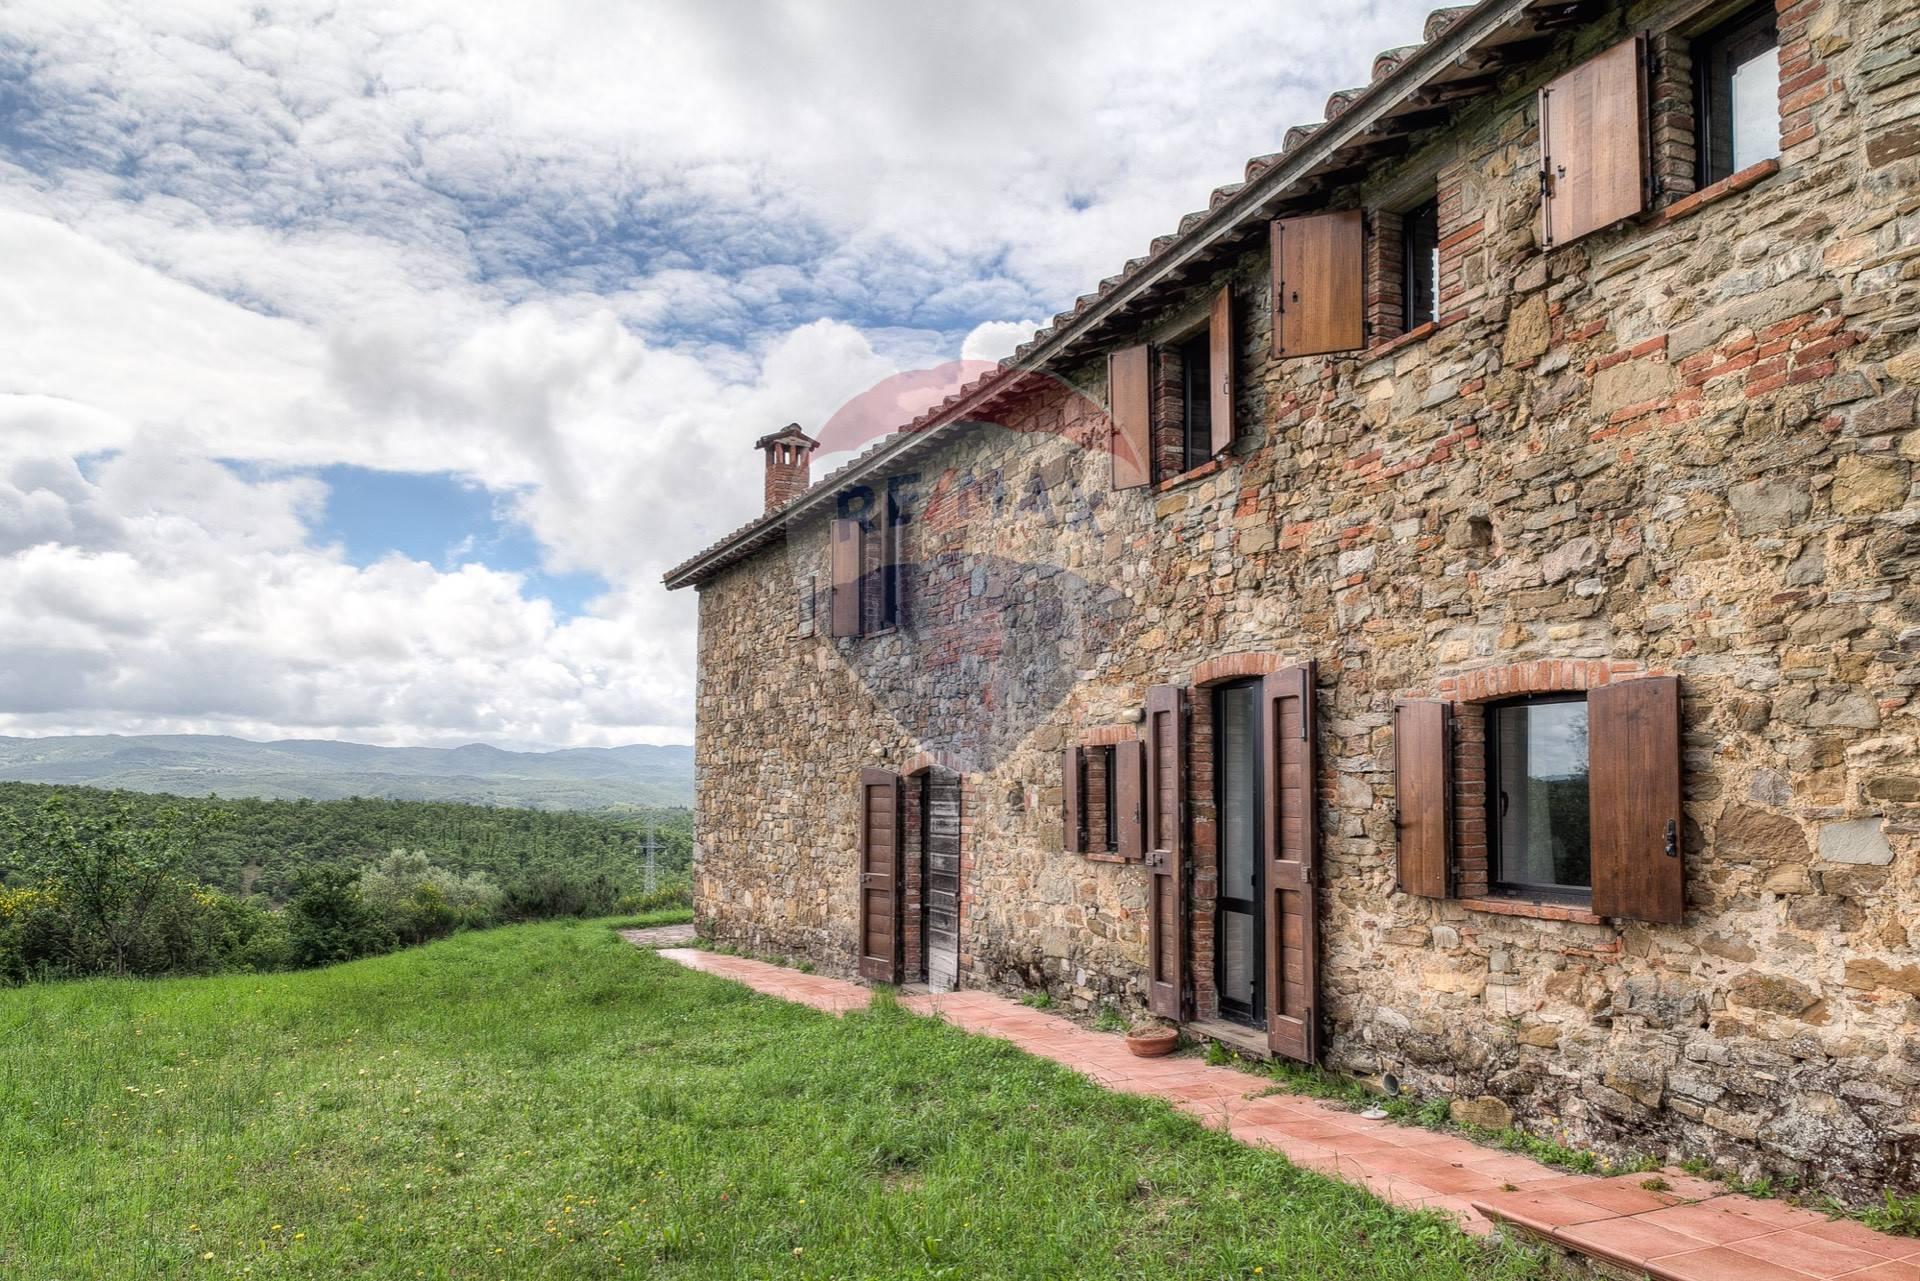 Soluzione Semindipendente in vendita a Montegabbione, 21 locali, zona Zona: Montegiove, prezzo € 590.000   CambioCasa.it